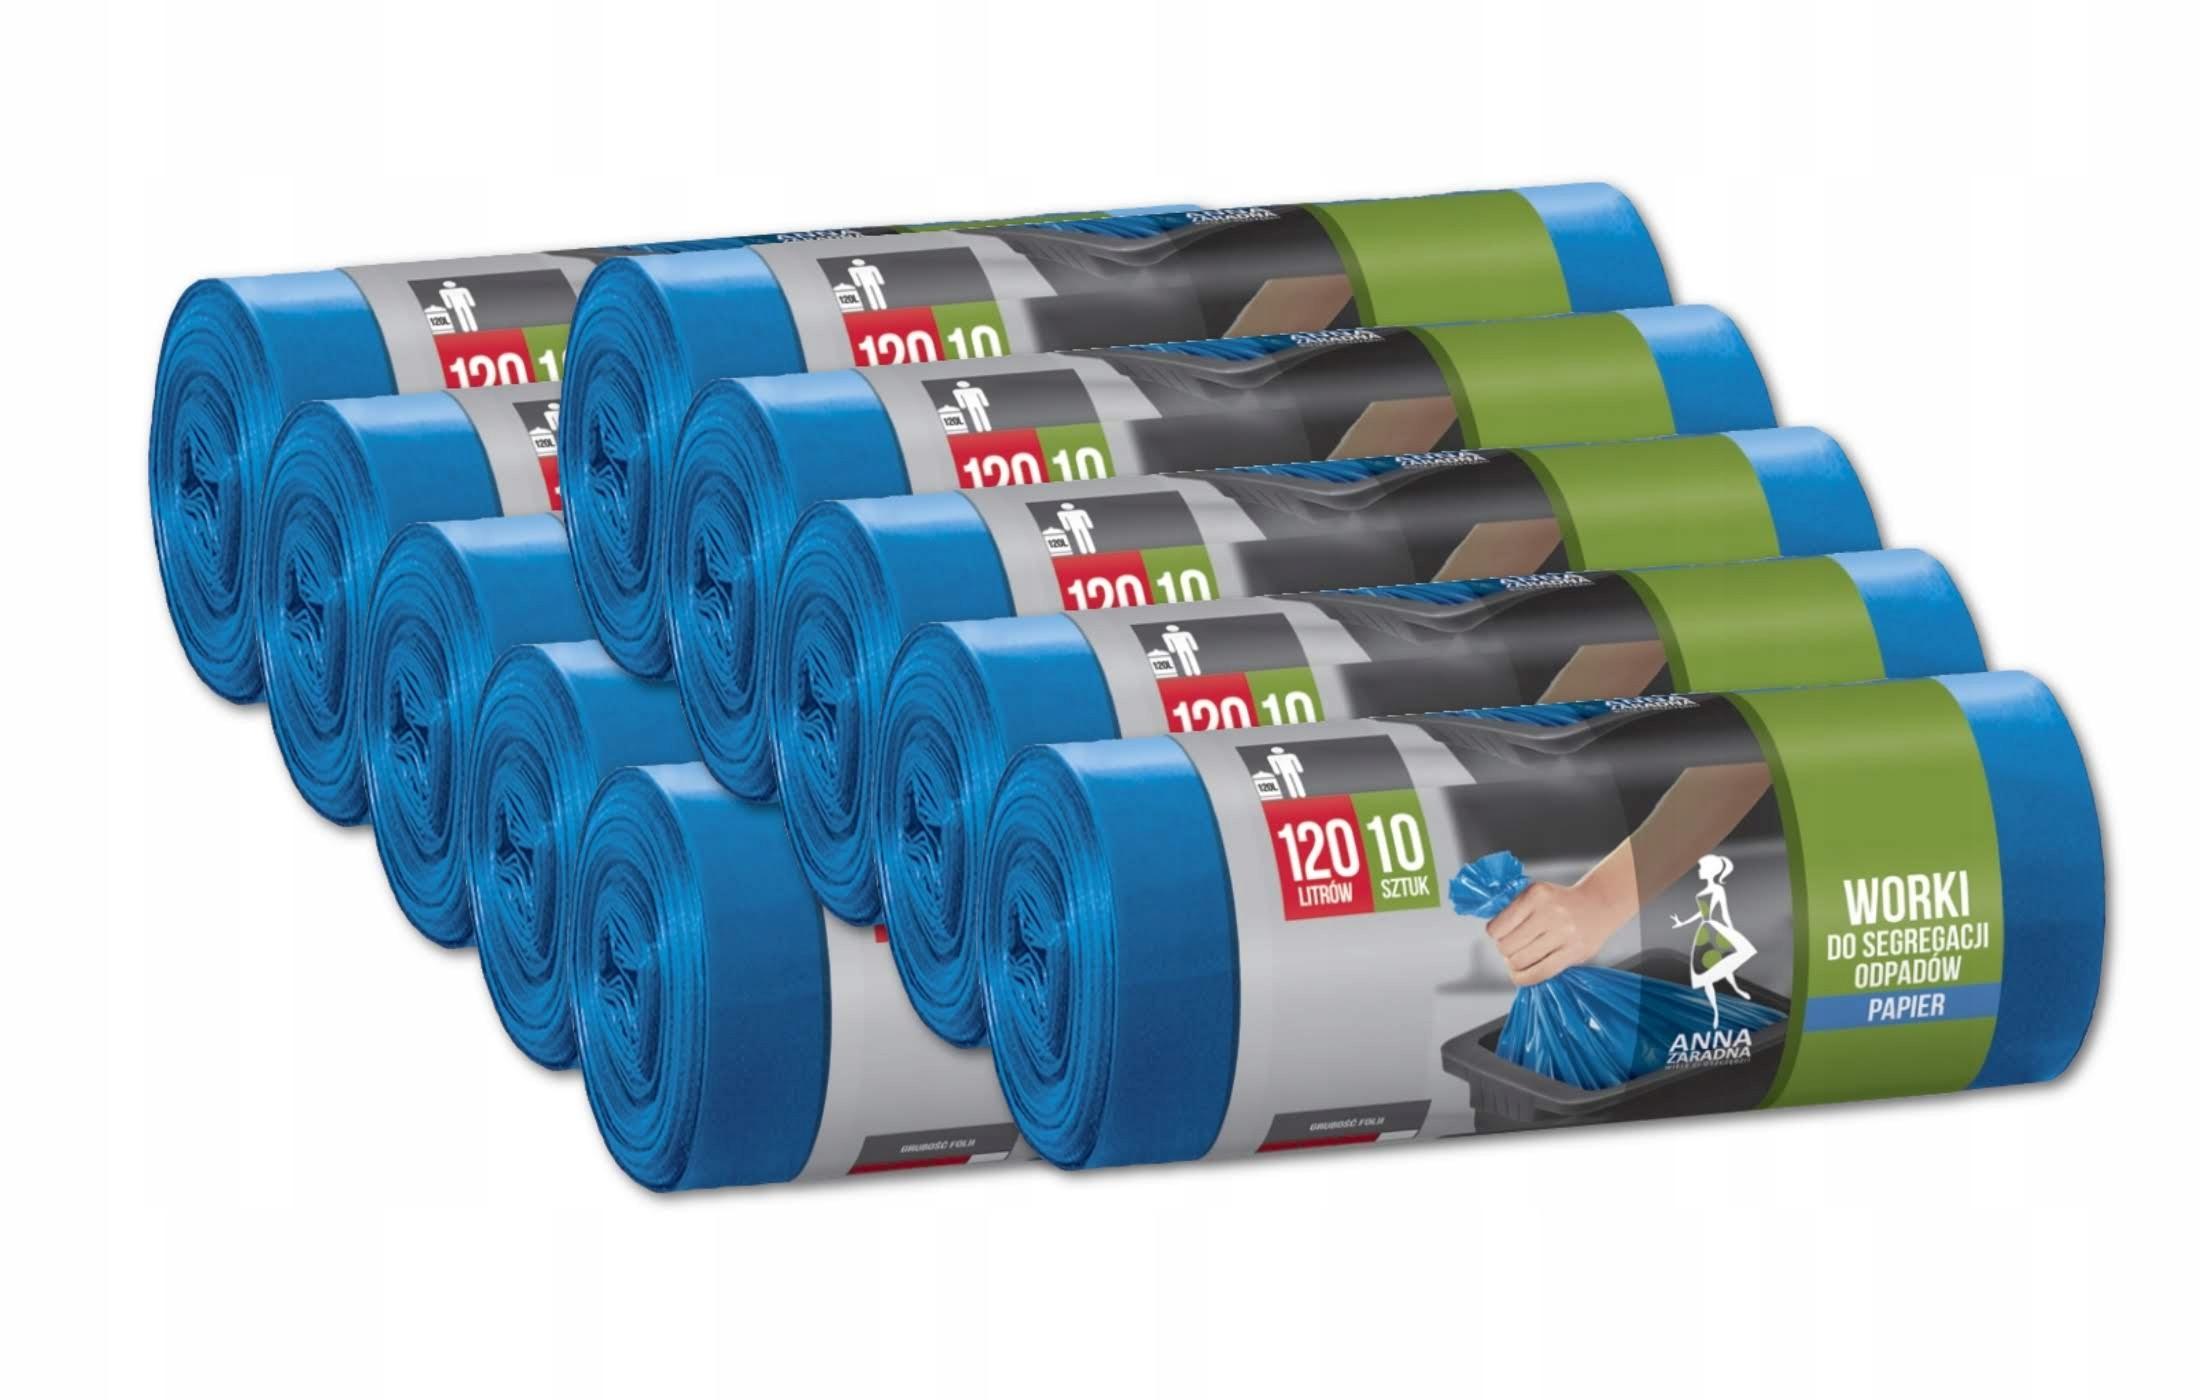 Odpadkové vrecia odpadkov triedenie 120 10 x 10 OTEC